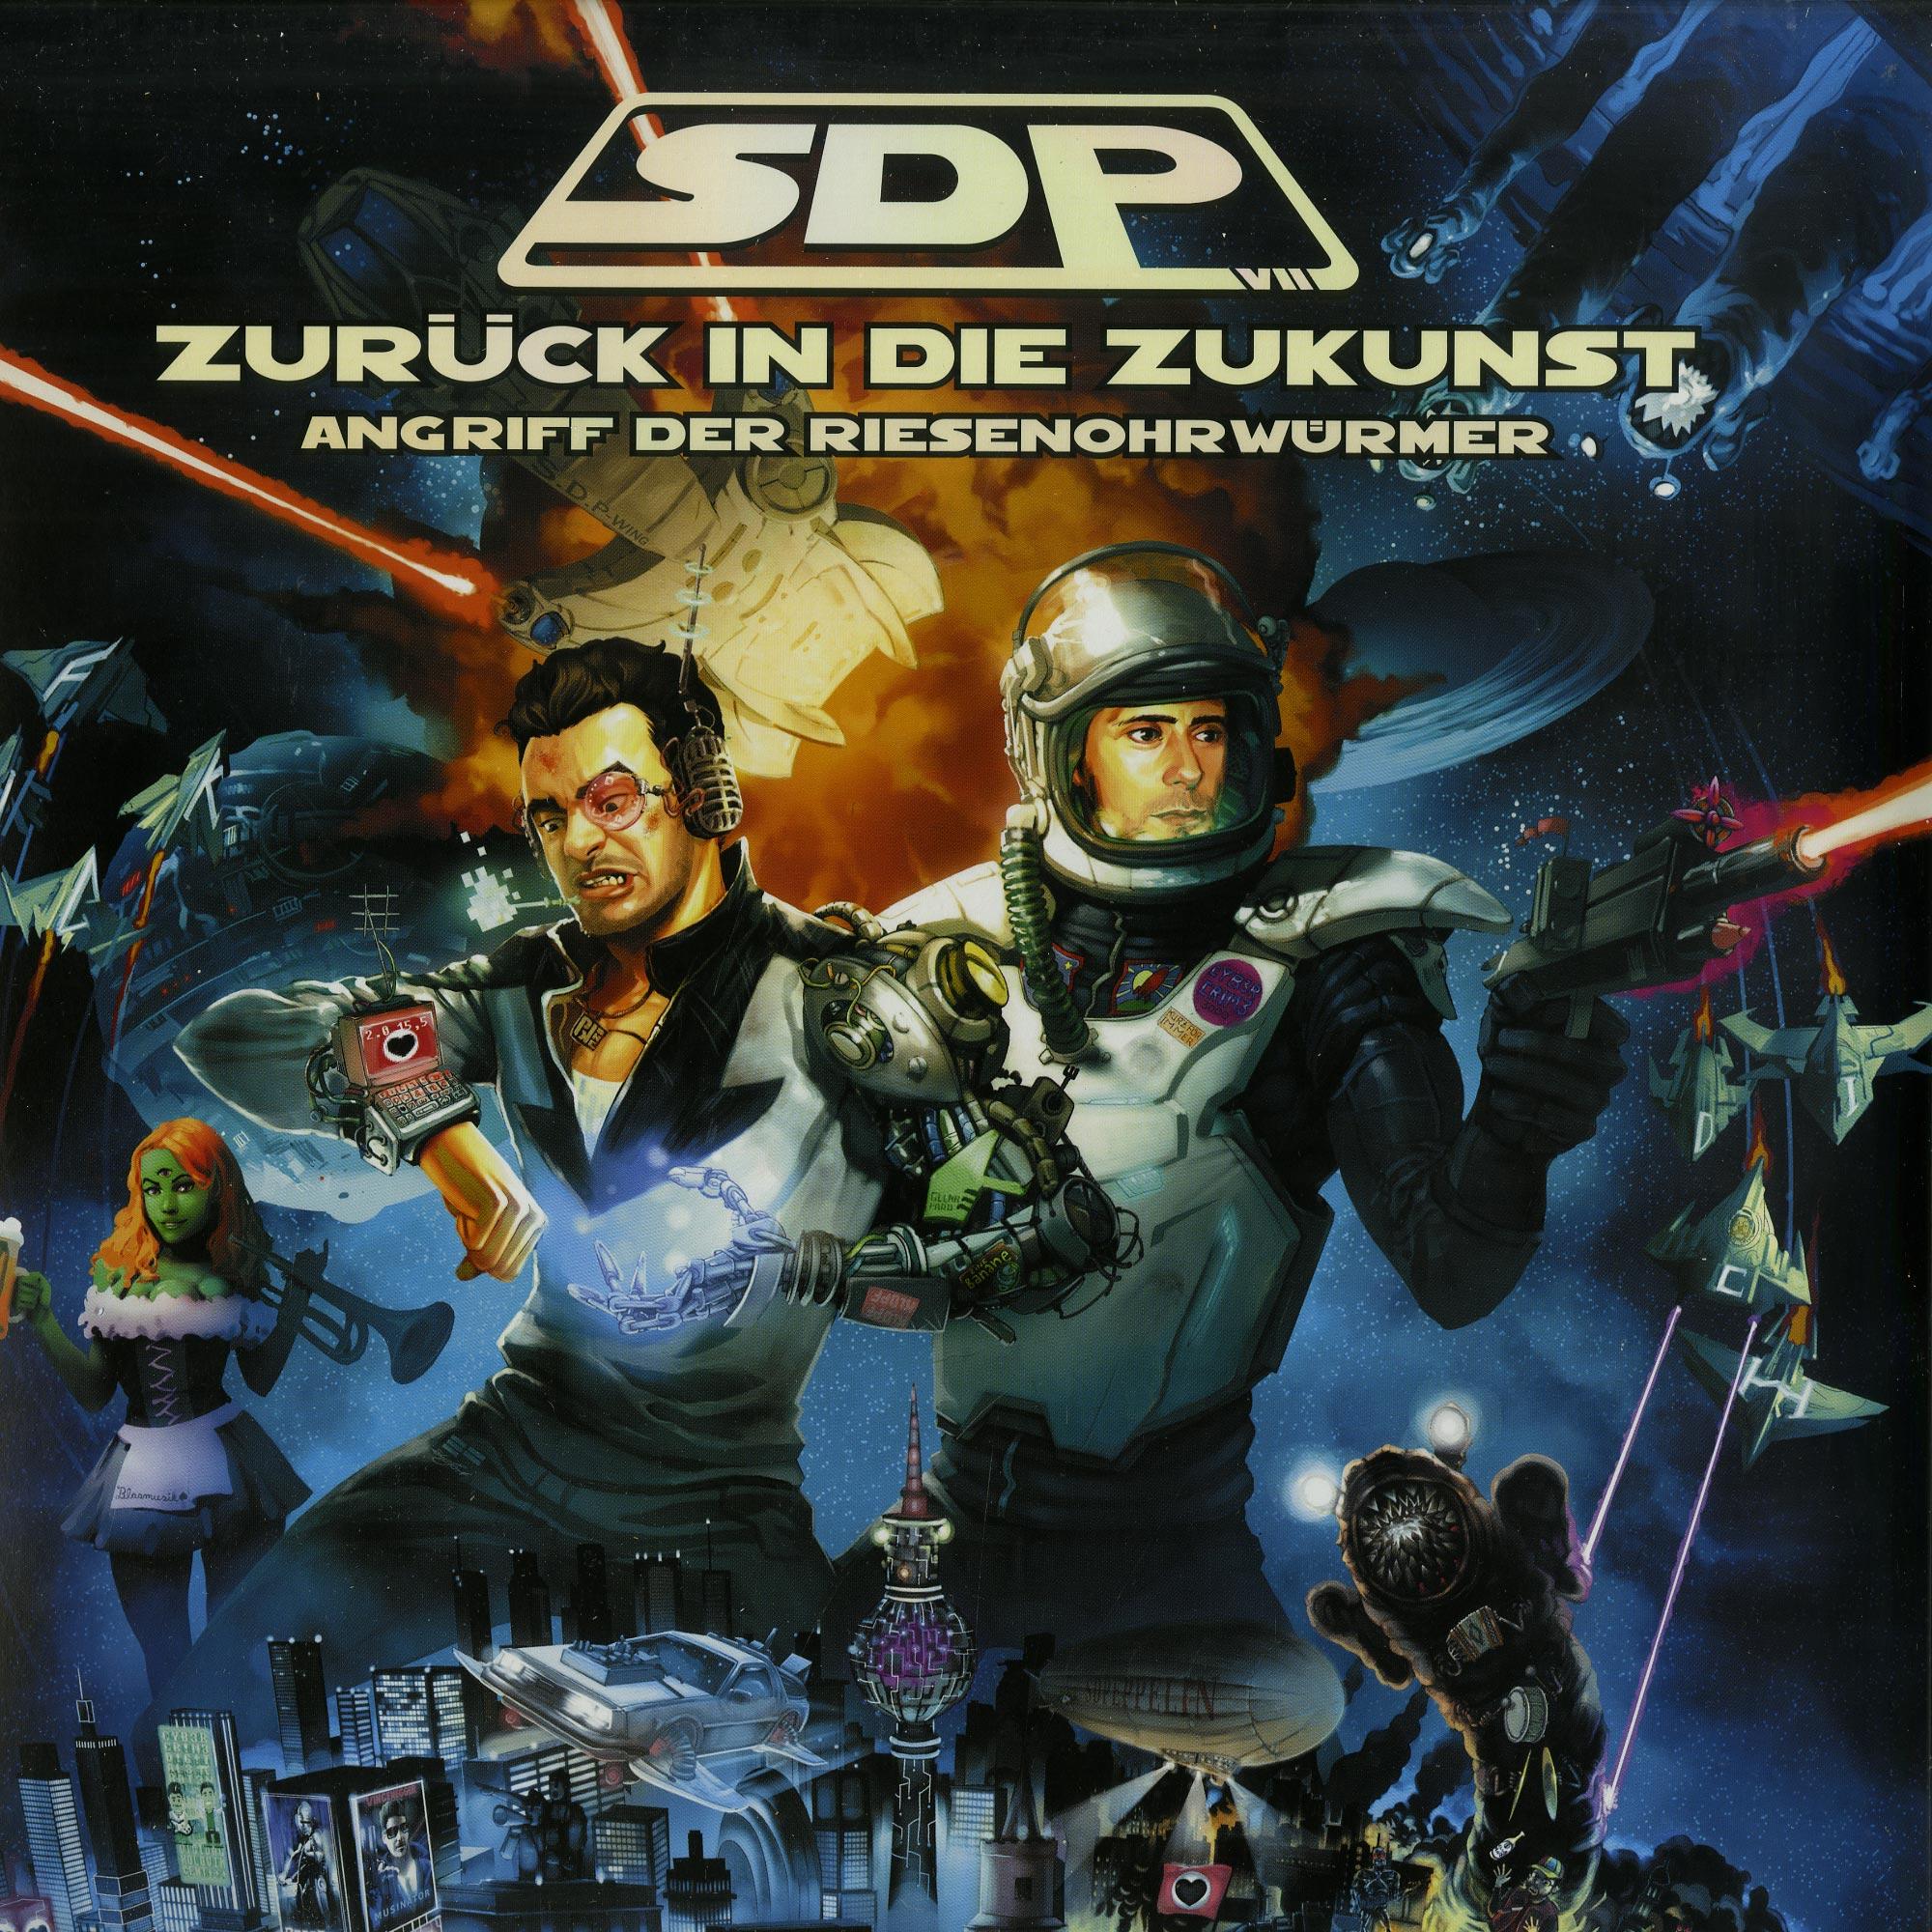 SDP - ZURUECK IN DIE ZUKUNST